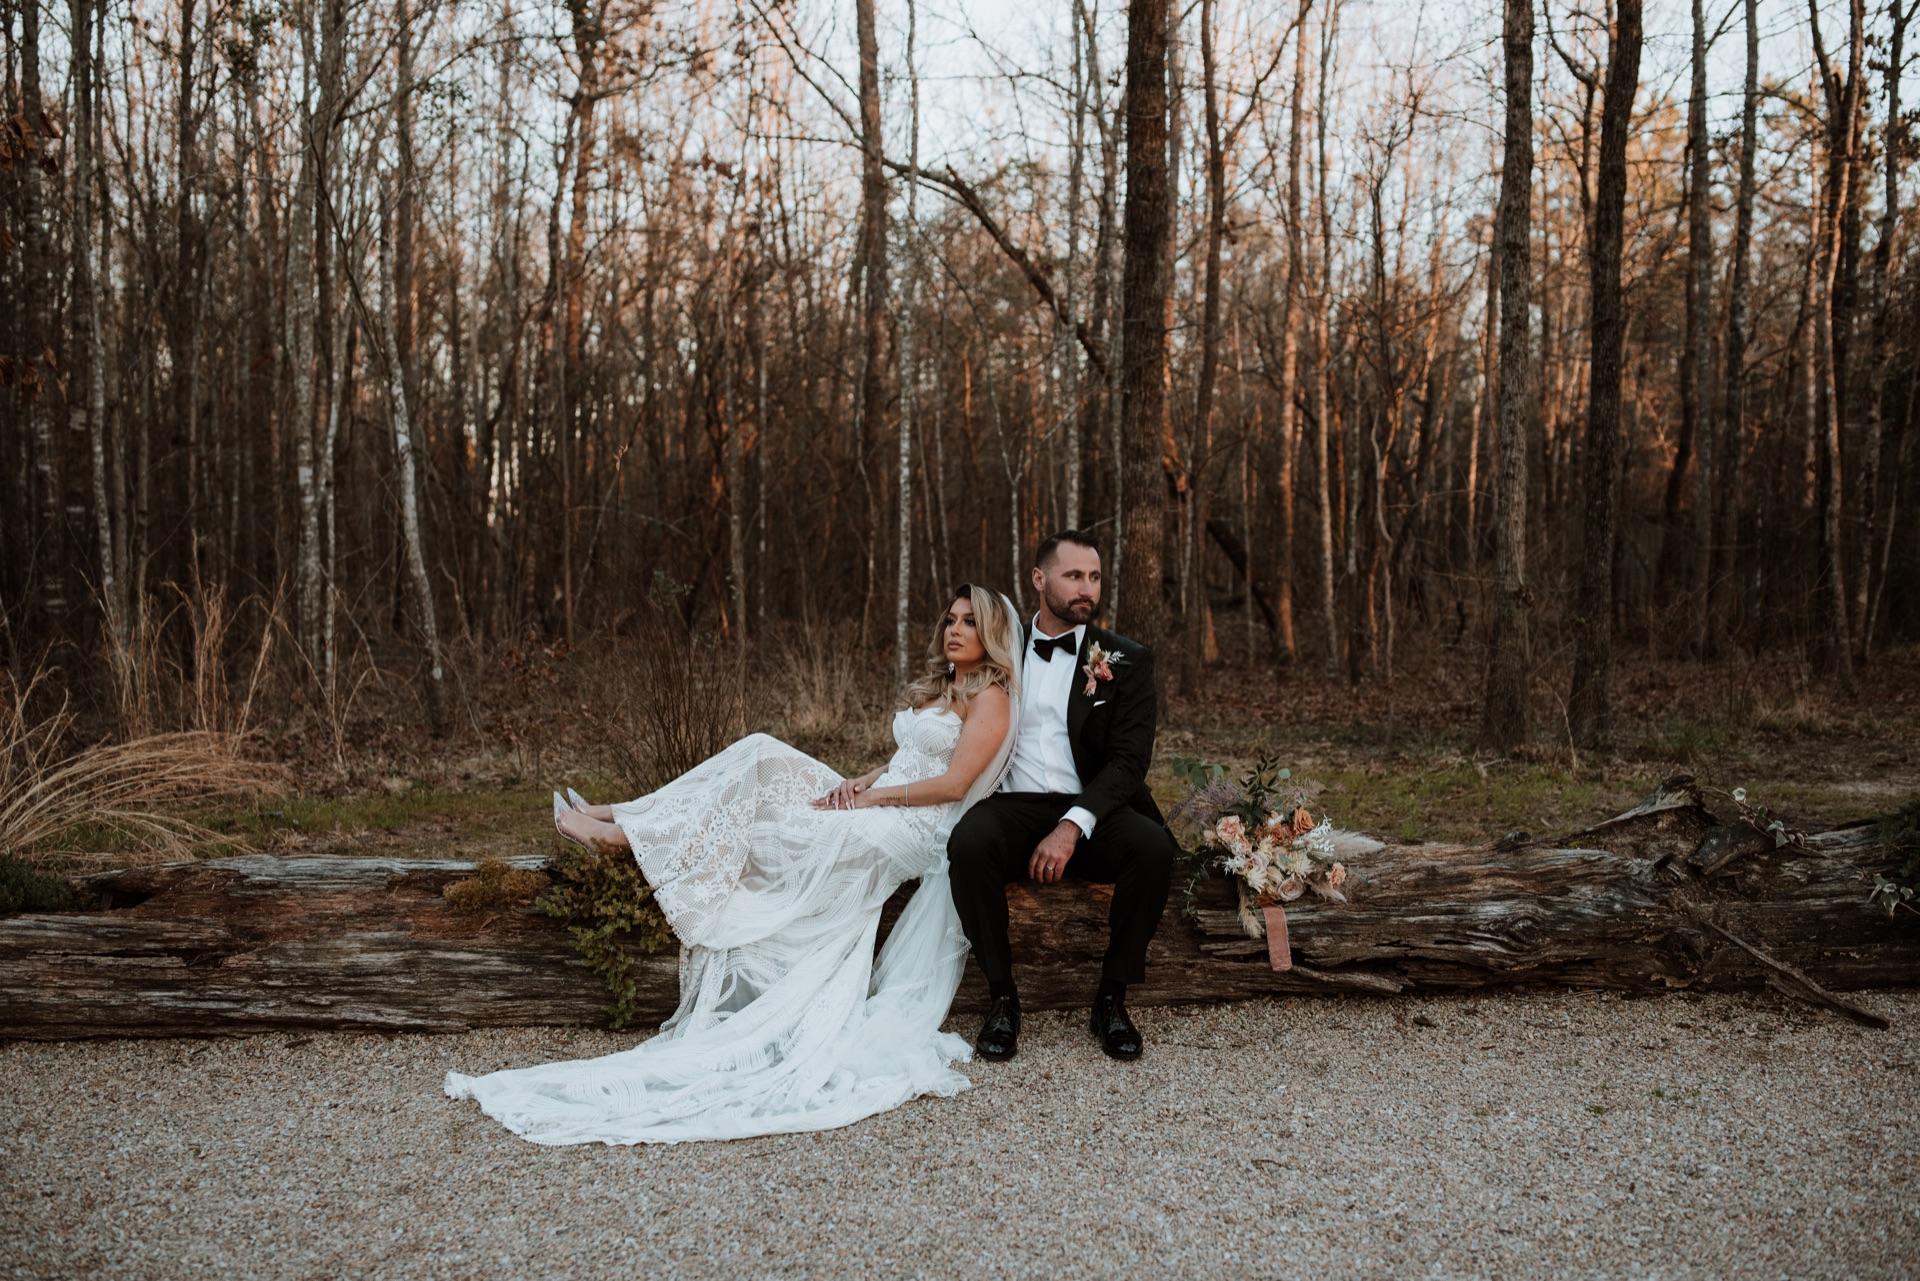 east.texas_.elopement.dove_.hollow.estate.longview.klayne.photography.sp-4-of-4-large